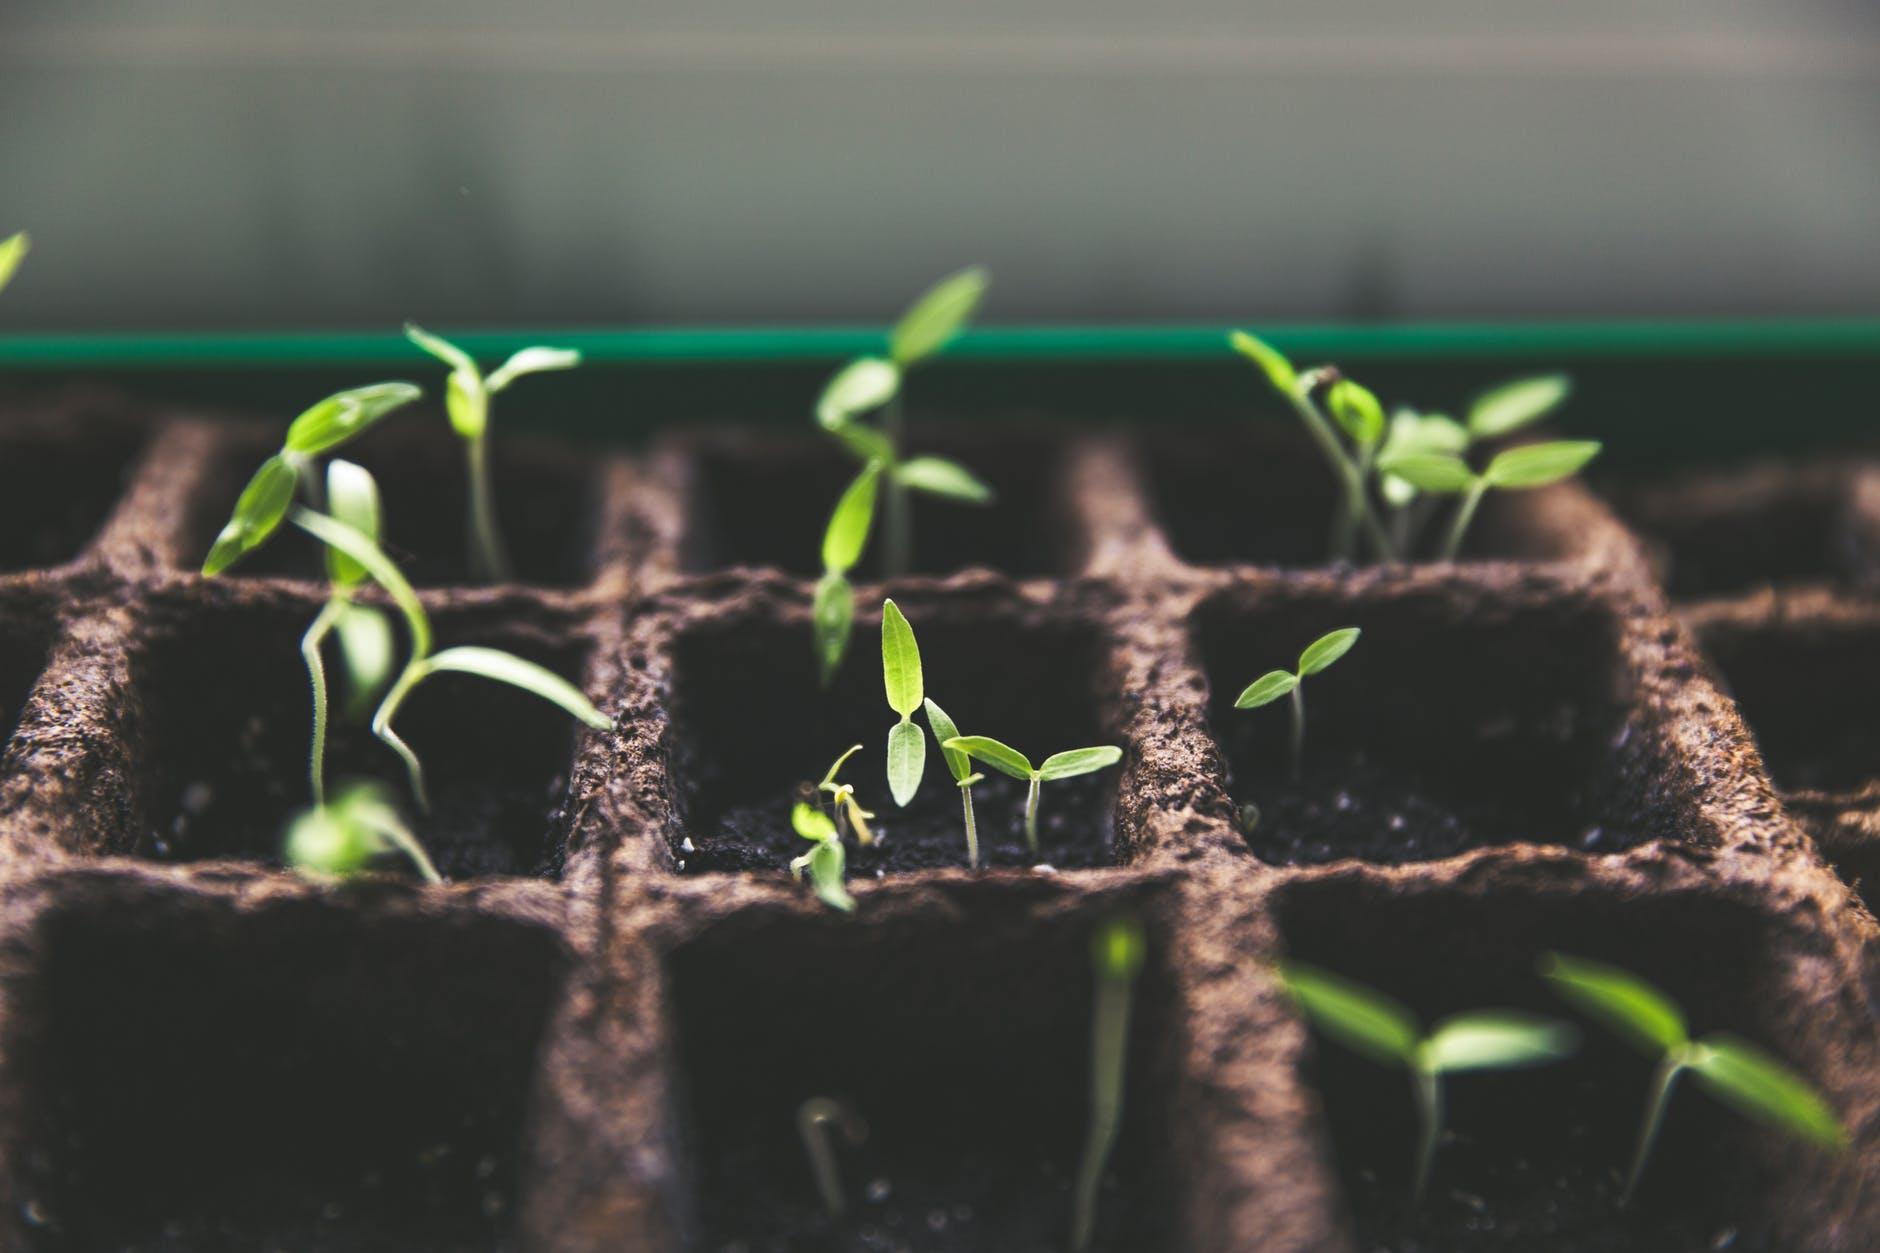 Vækstlys forbedrer planternes vækst